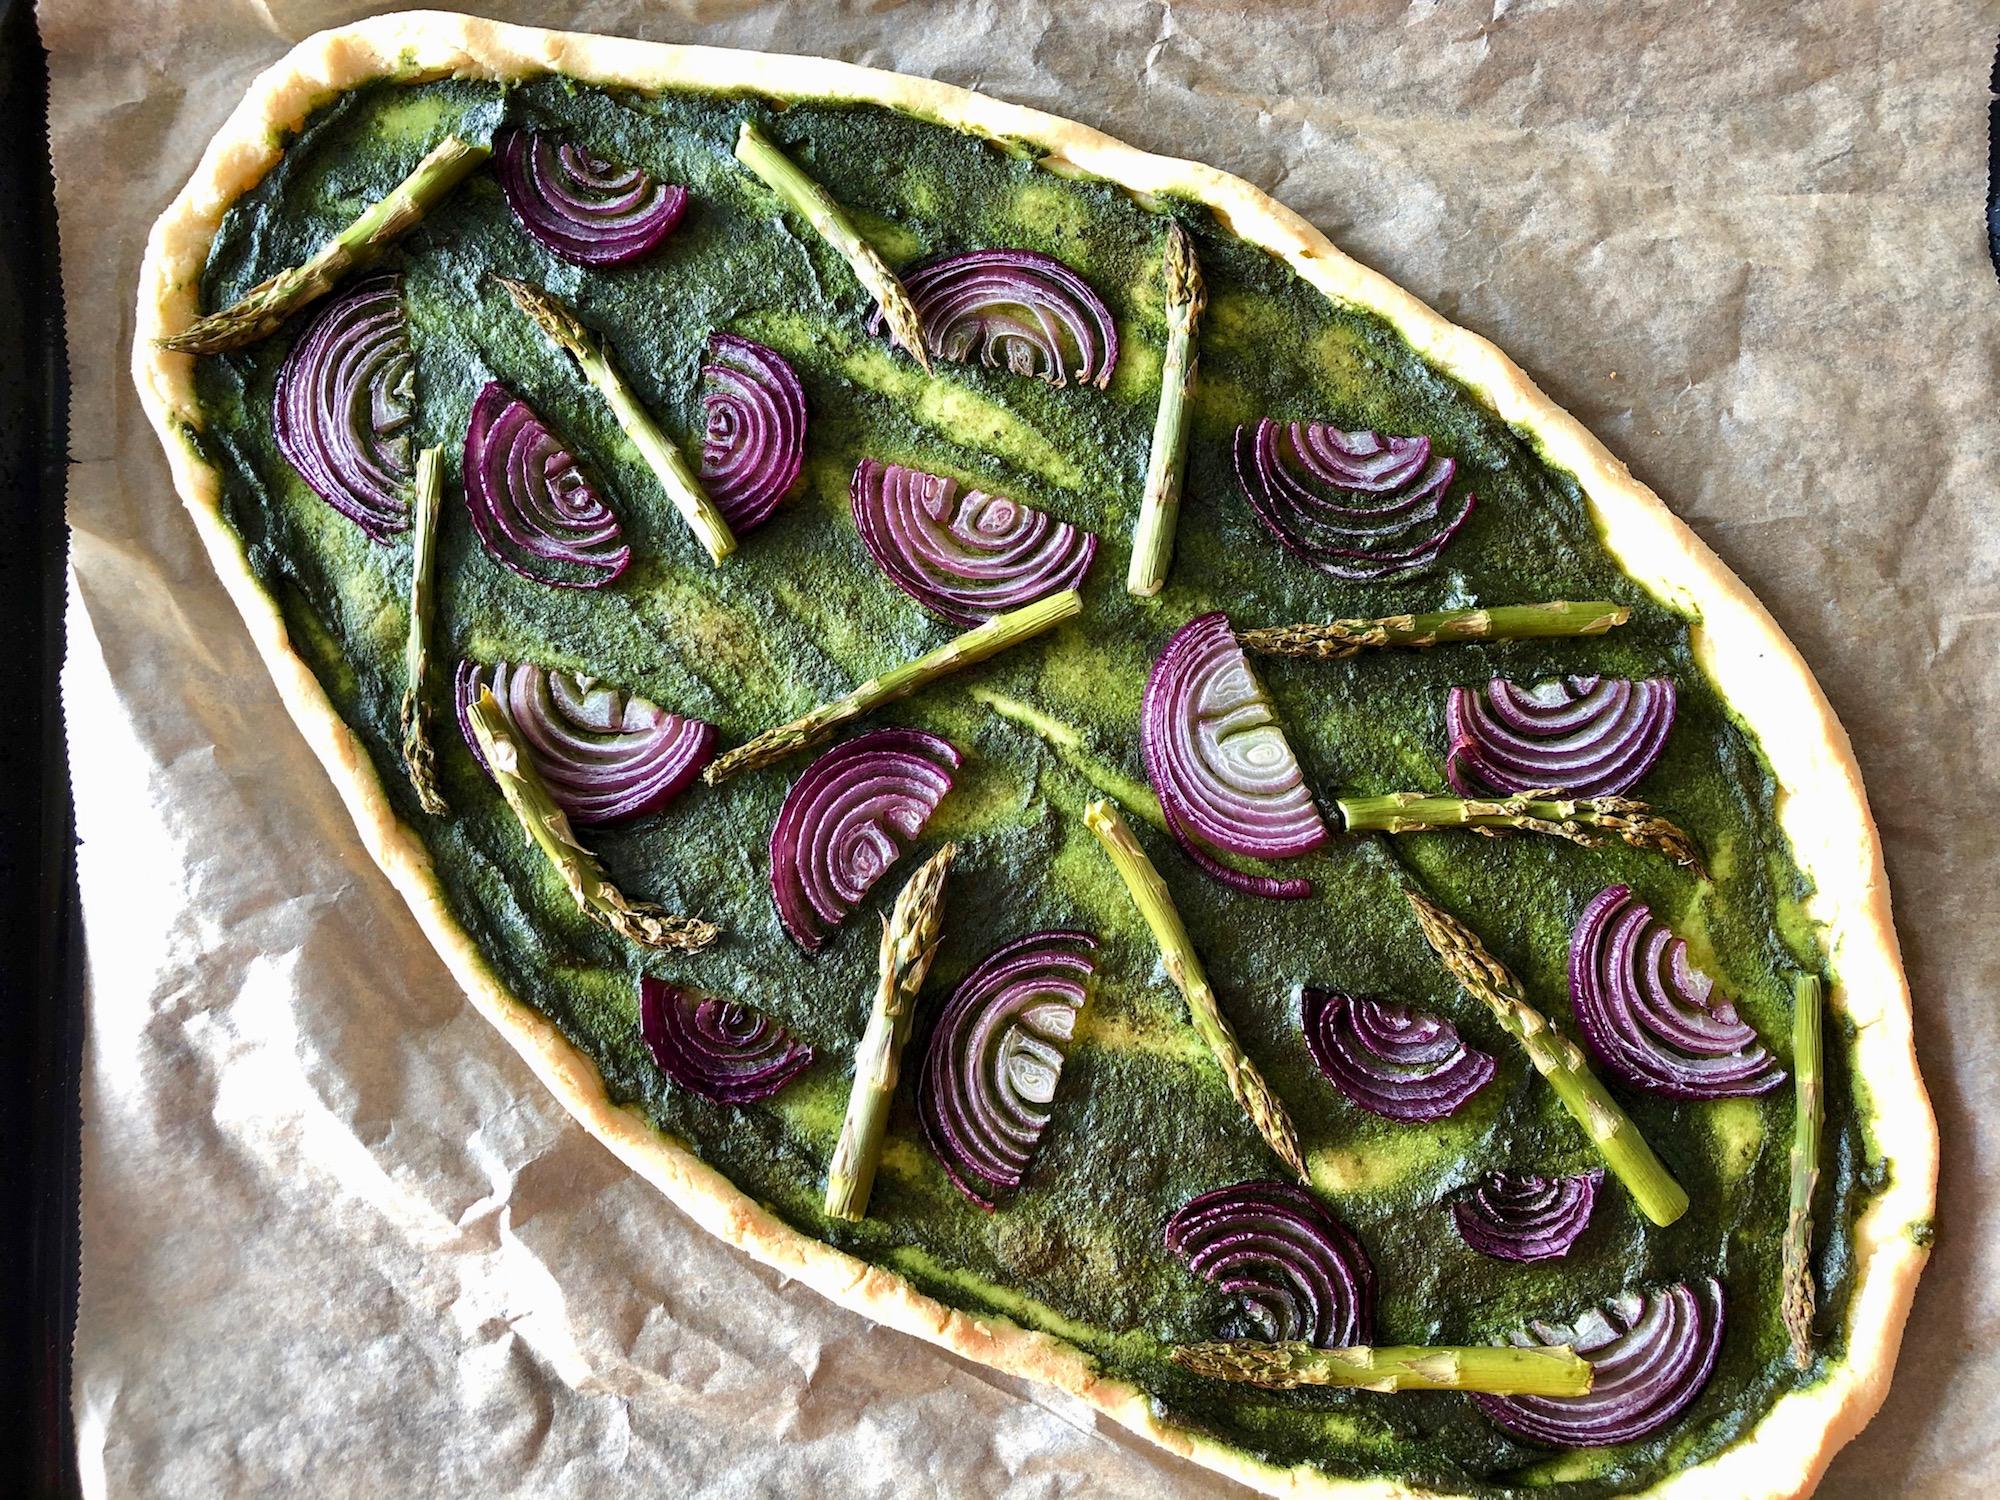 gräddad grön pizza direkt från ugnen